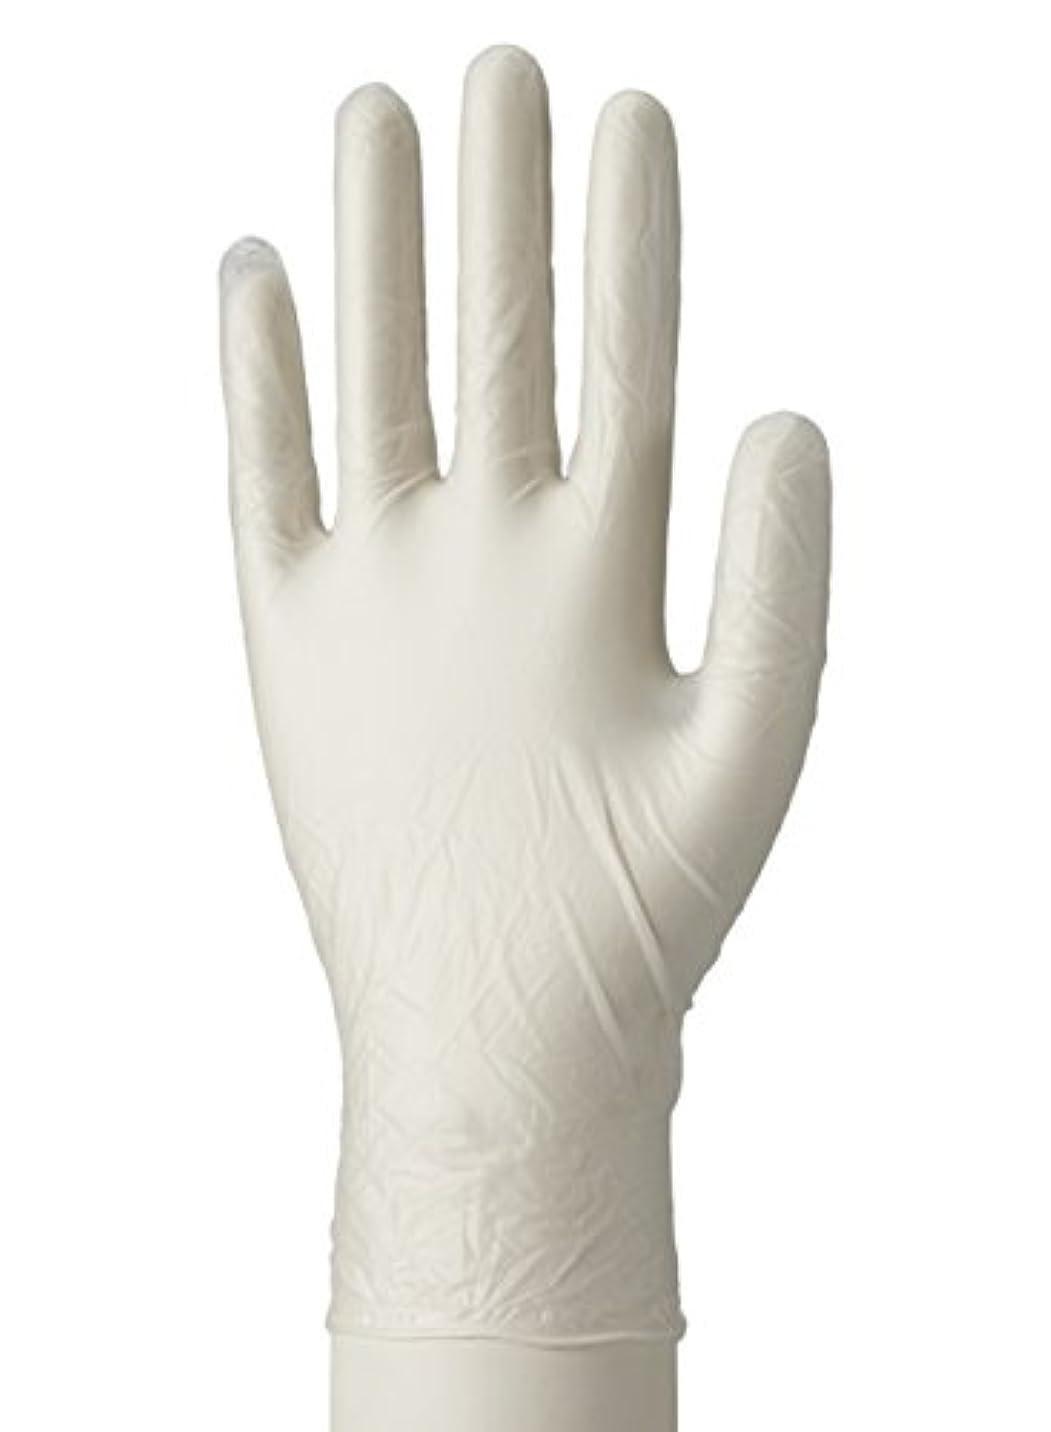 オズワルド捨てる粒使い捨て手袋 マイスコPVCグローブ 粉つき MY-7520(サイズ:S)100枚入り 病院採用商品